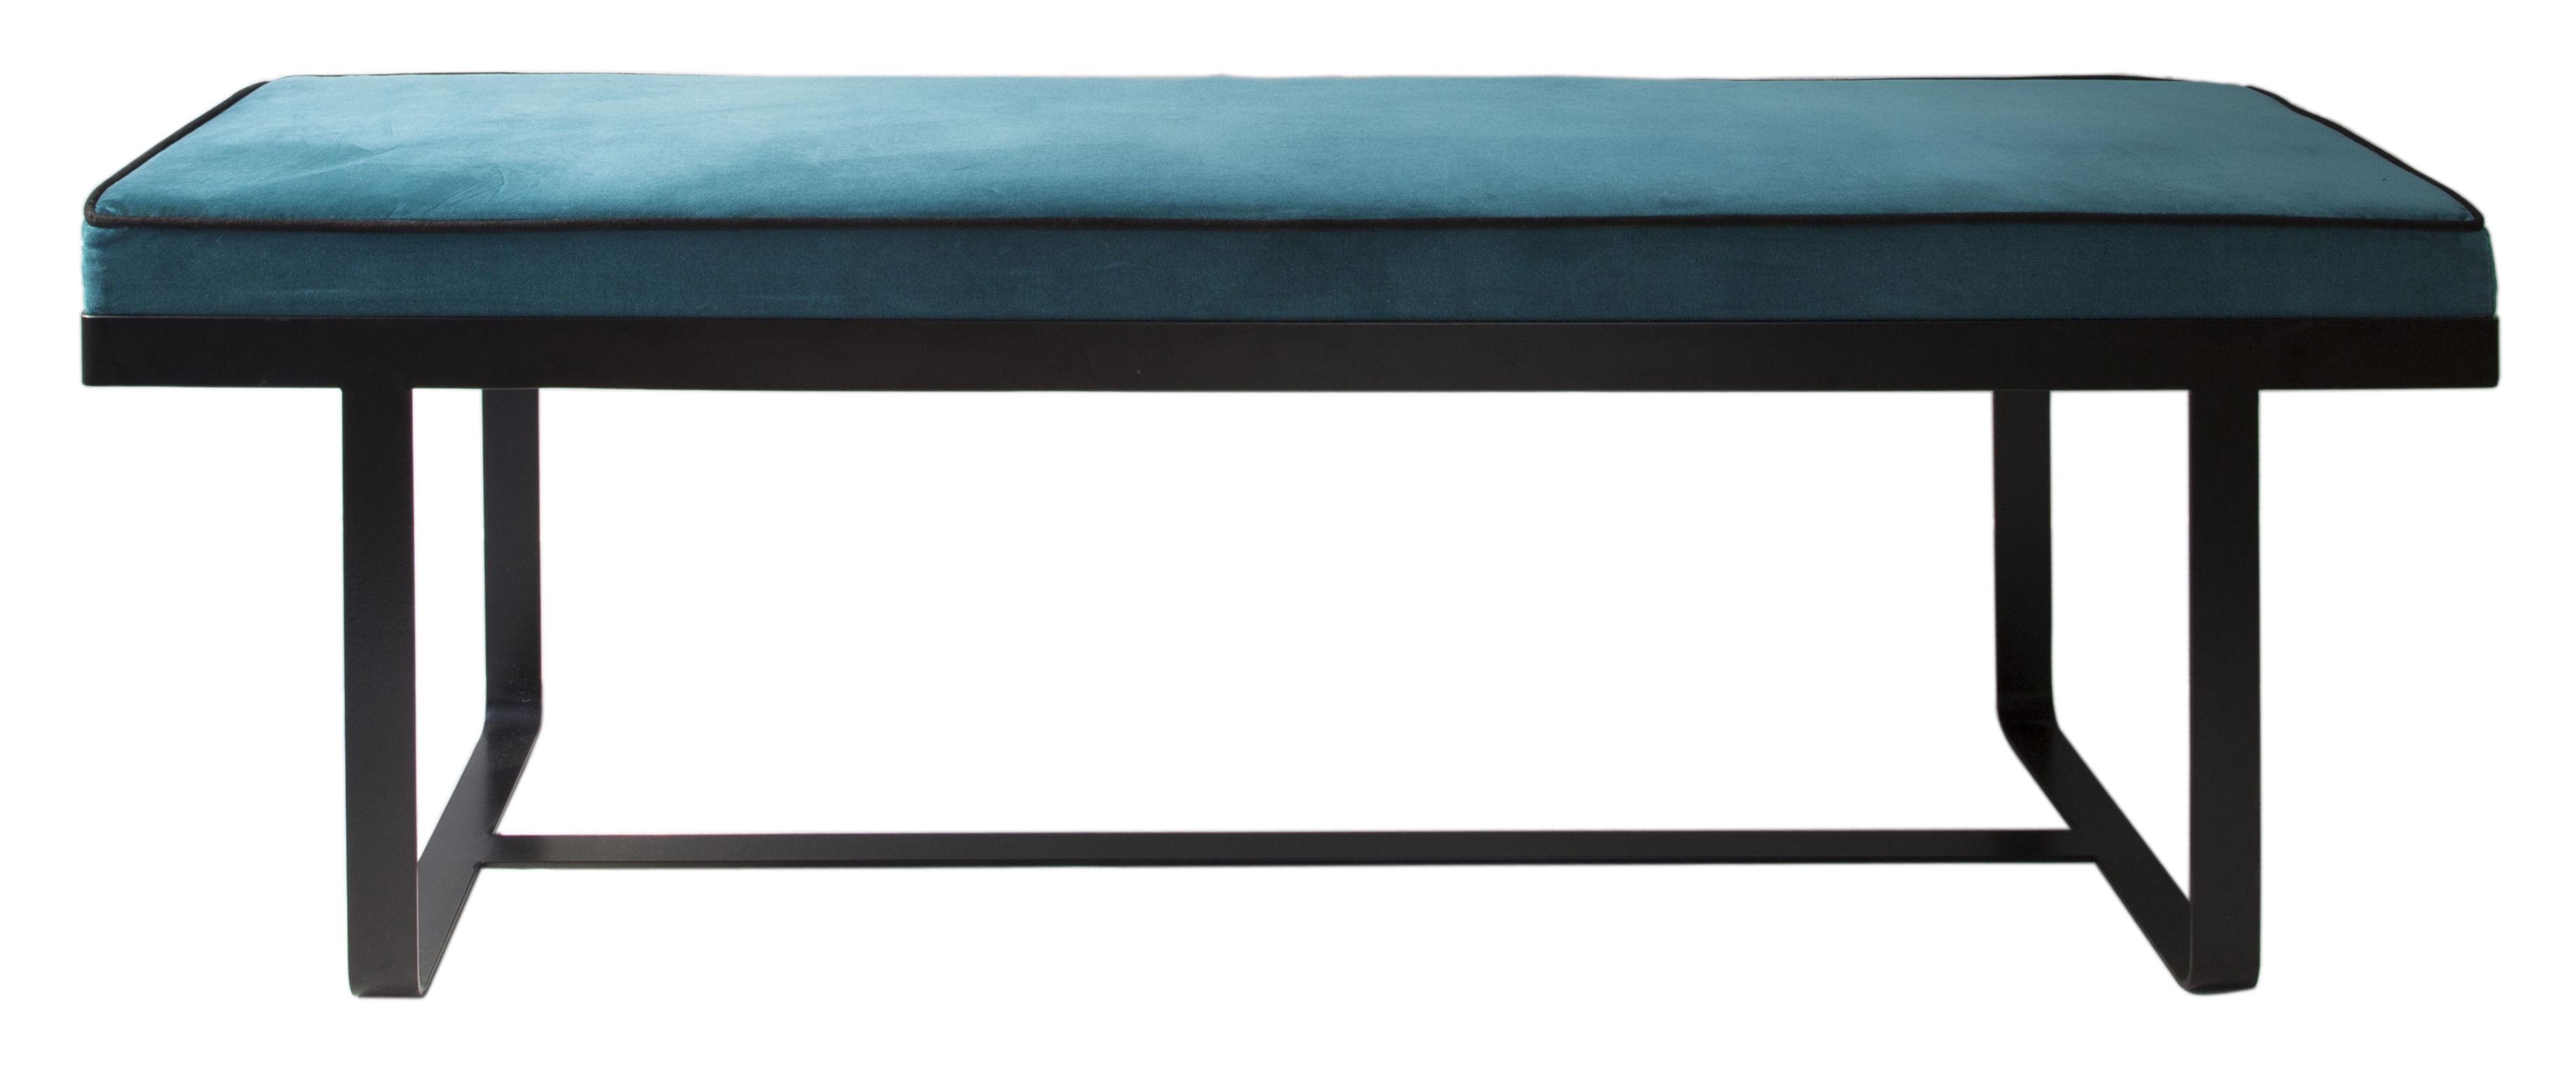 Möbel - Sitzkissen - Gaspard Gepolsterte Bank / Velours - L 140 cm - Maison Sarah Lavoine - Velours, blau / schwarz - bemaltes Metall, Schaumstoff, Velours